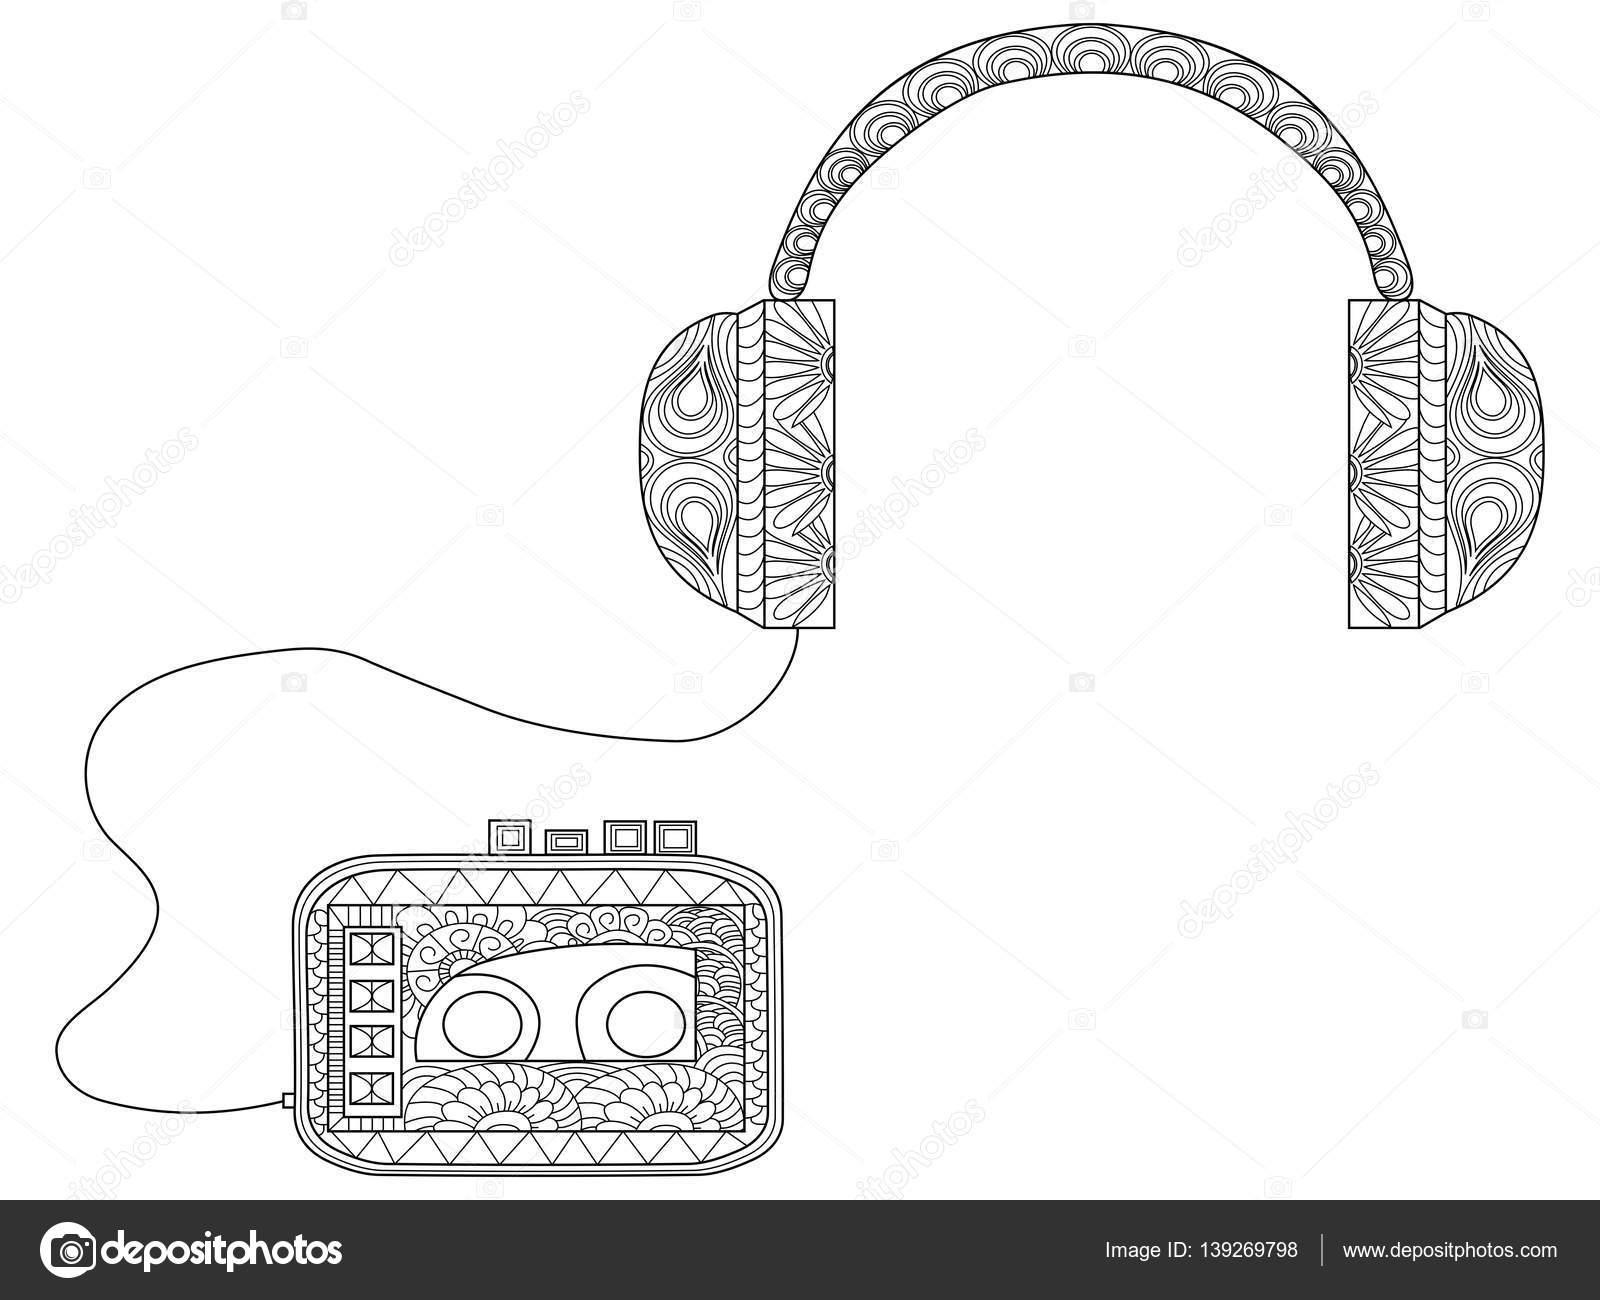 Kleurplaten Voor Volwassenen Muziek.Speler Met Koptelefoon Vector Kleurplaten Voor Volwassenen